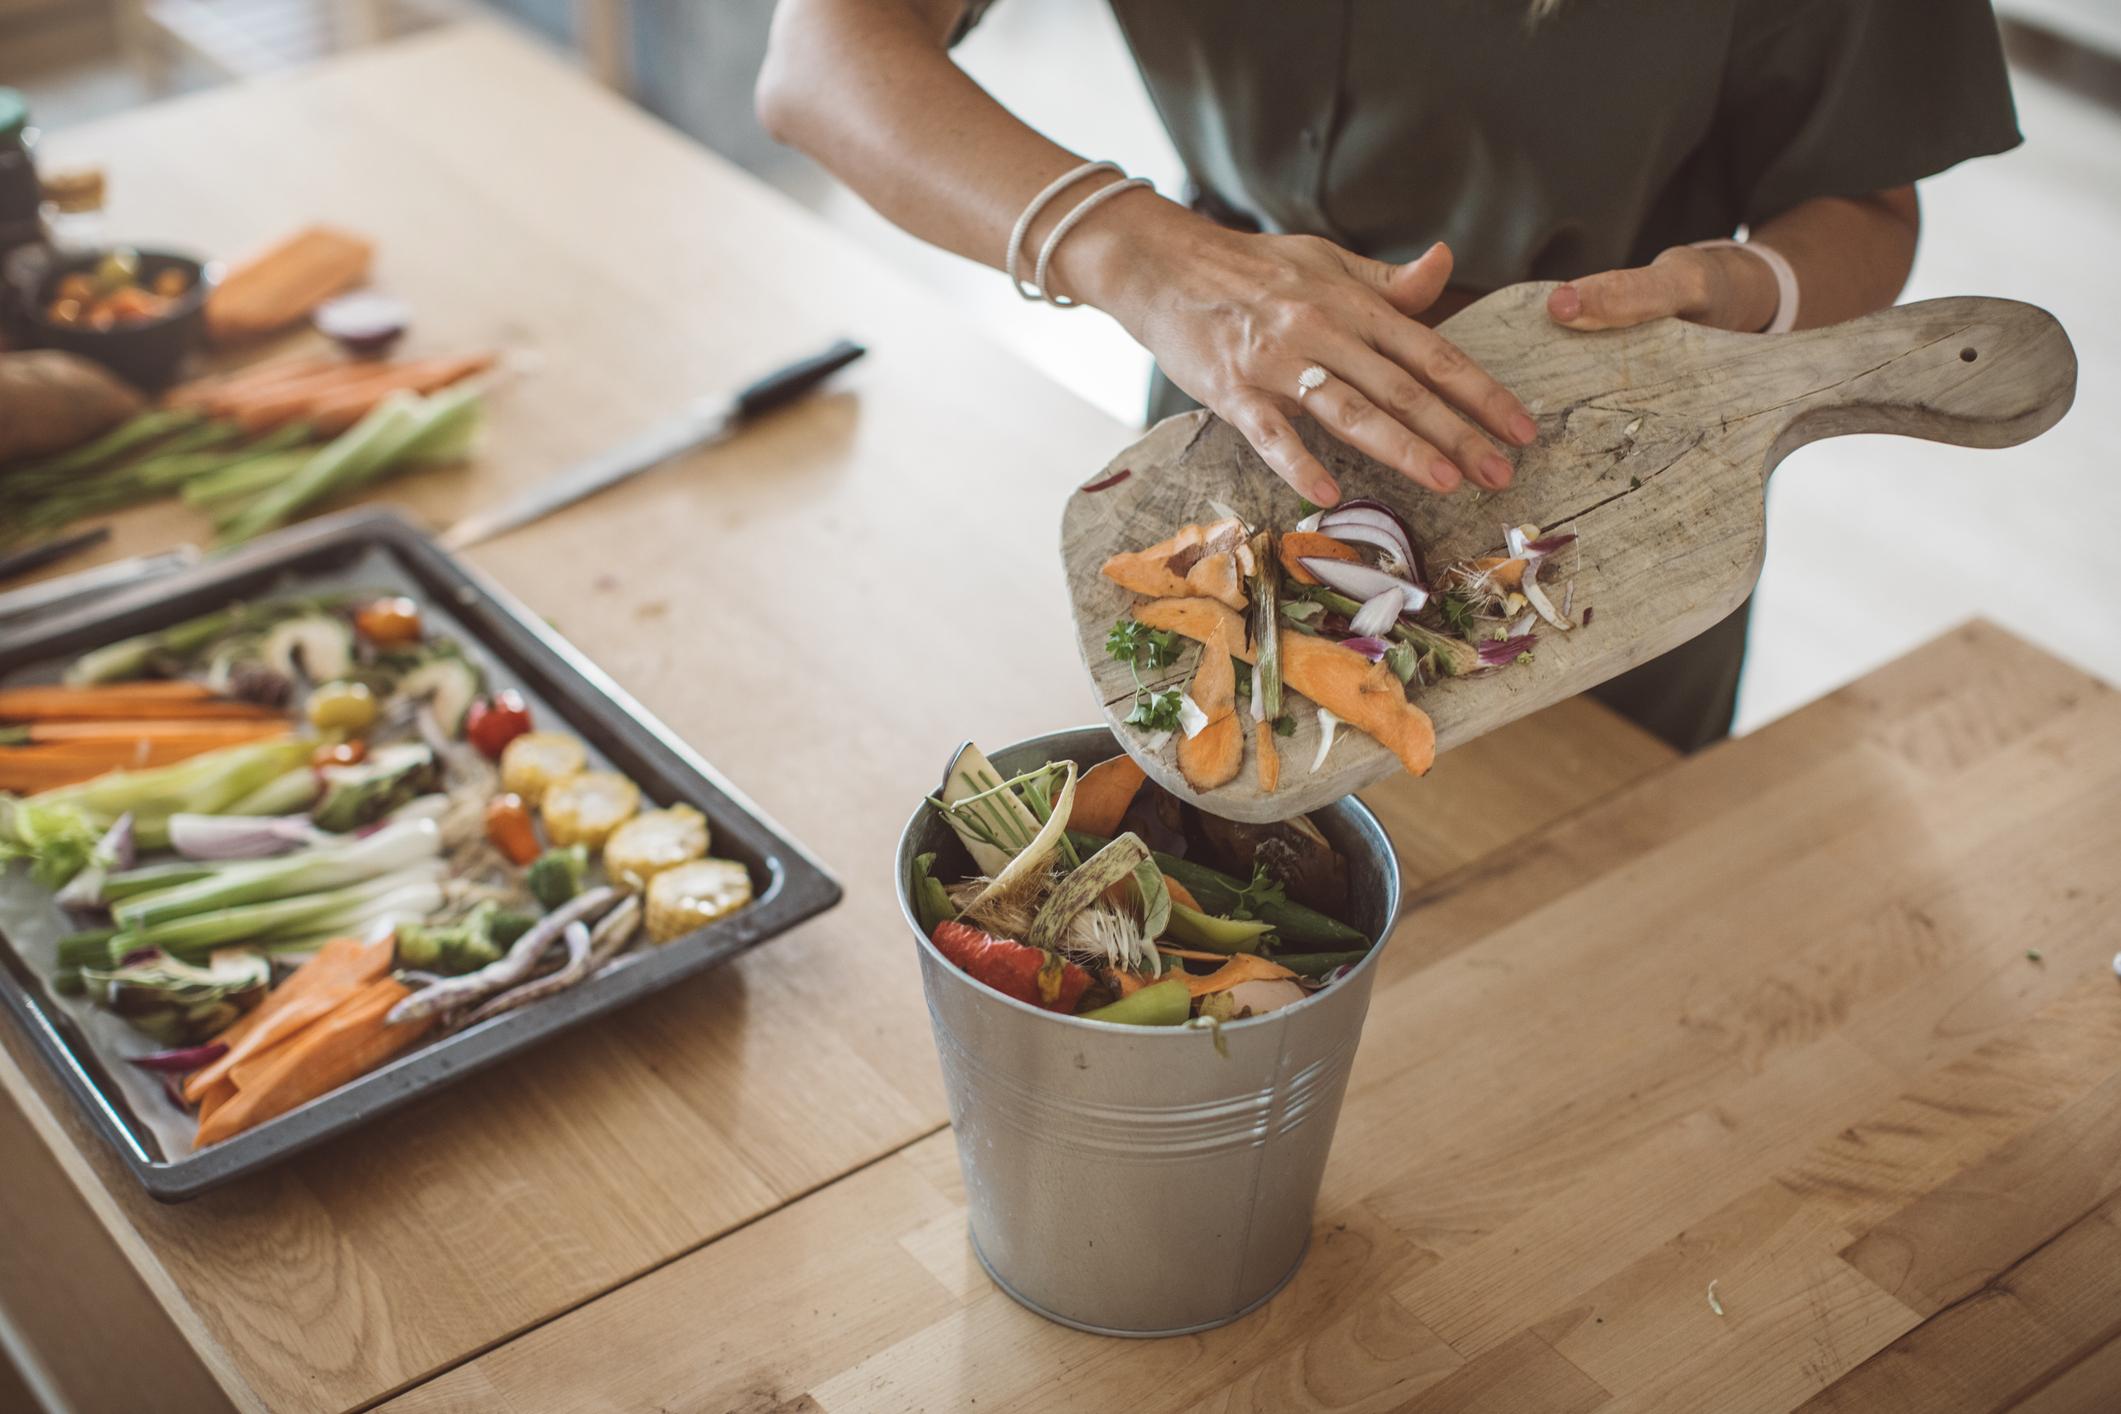 Kod visokog tlaka jedite više voća i povrća jer sadrže mineral kalij koji ga snižava.